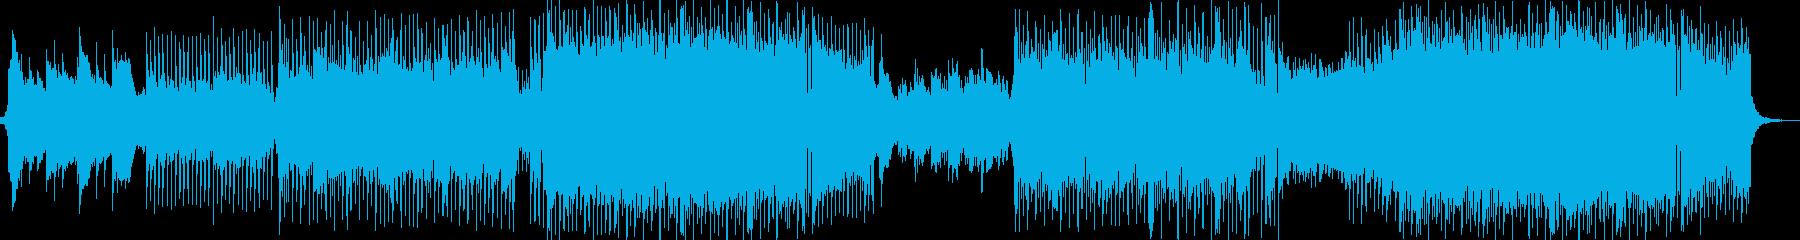 明るくポジティブなバイオリン楽曲の再生済みの波形